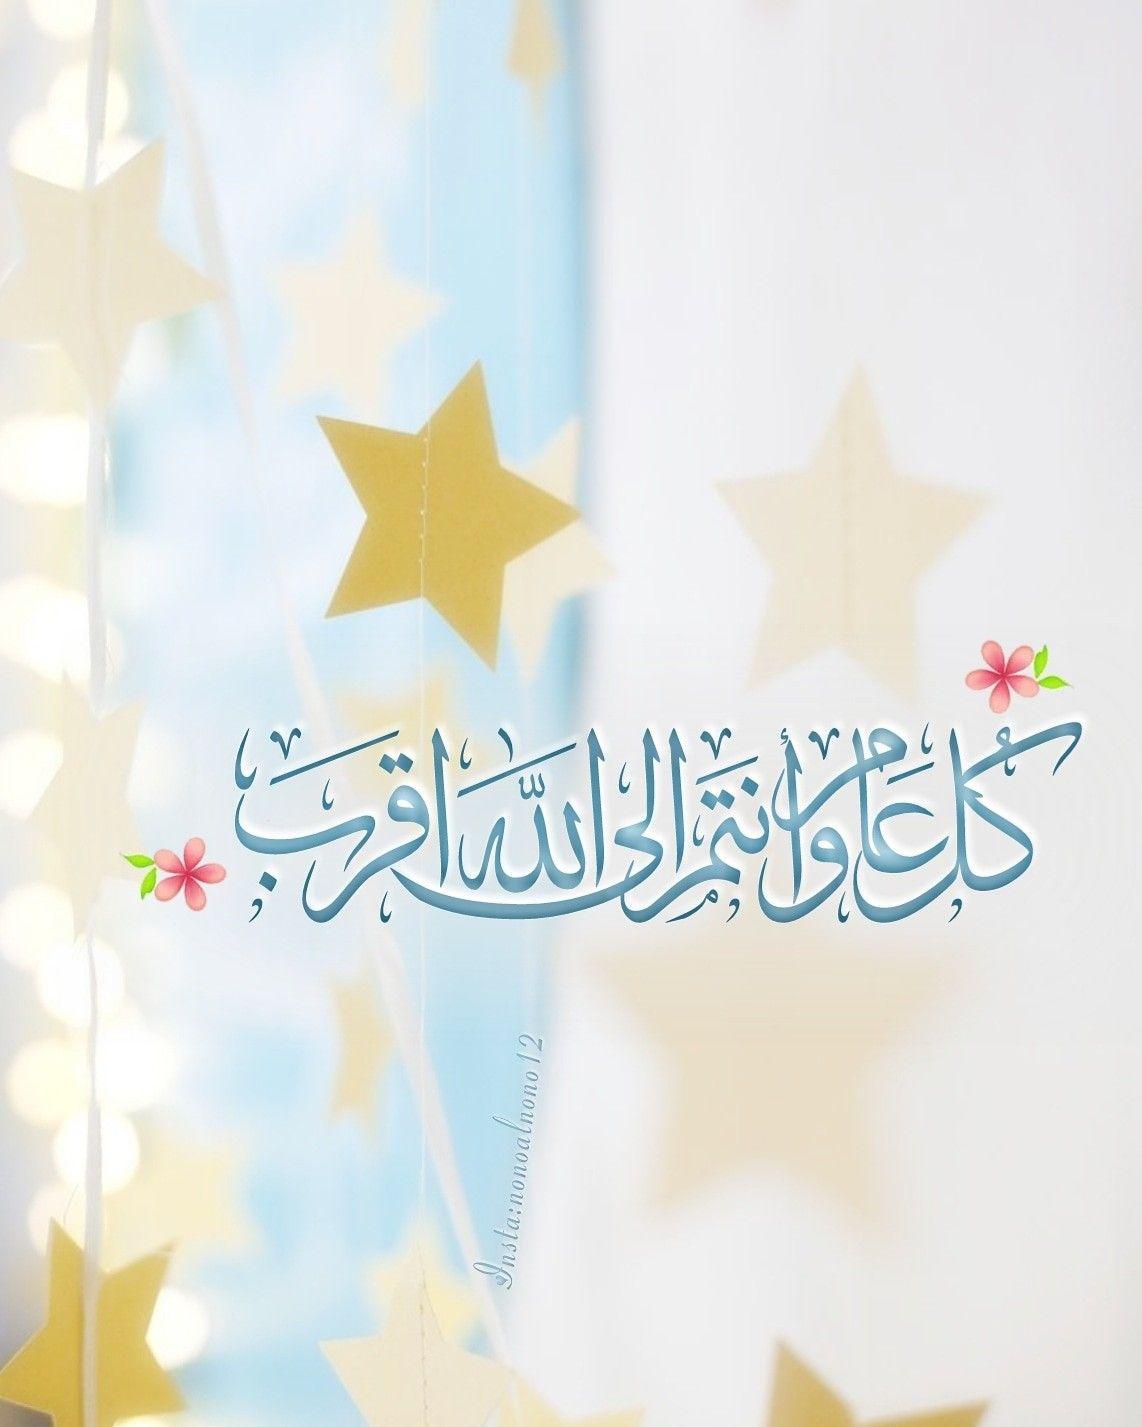 ملصق عيد الفطر المبارك Eid Mubarak Greeting Cards Eid Mubarak Greetings Eid Mubarak Card